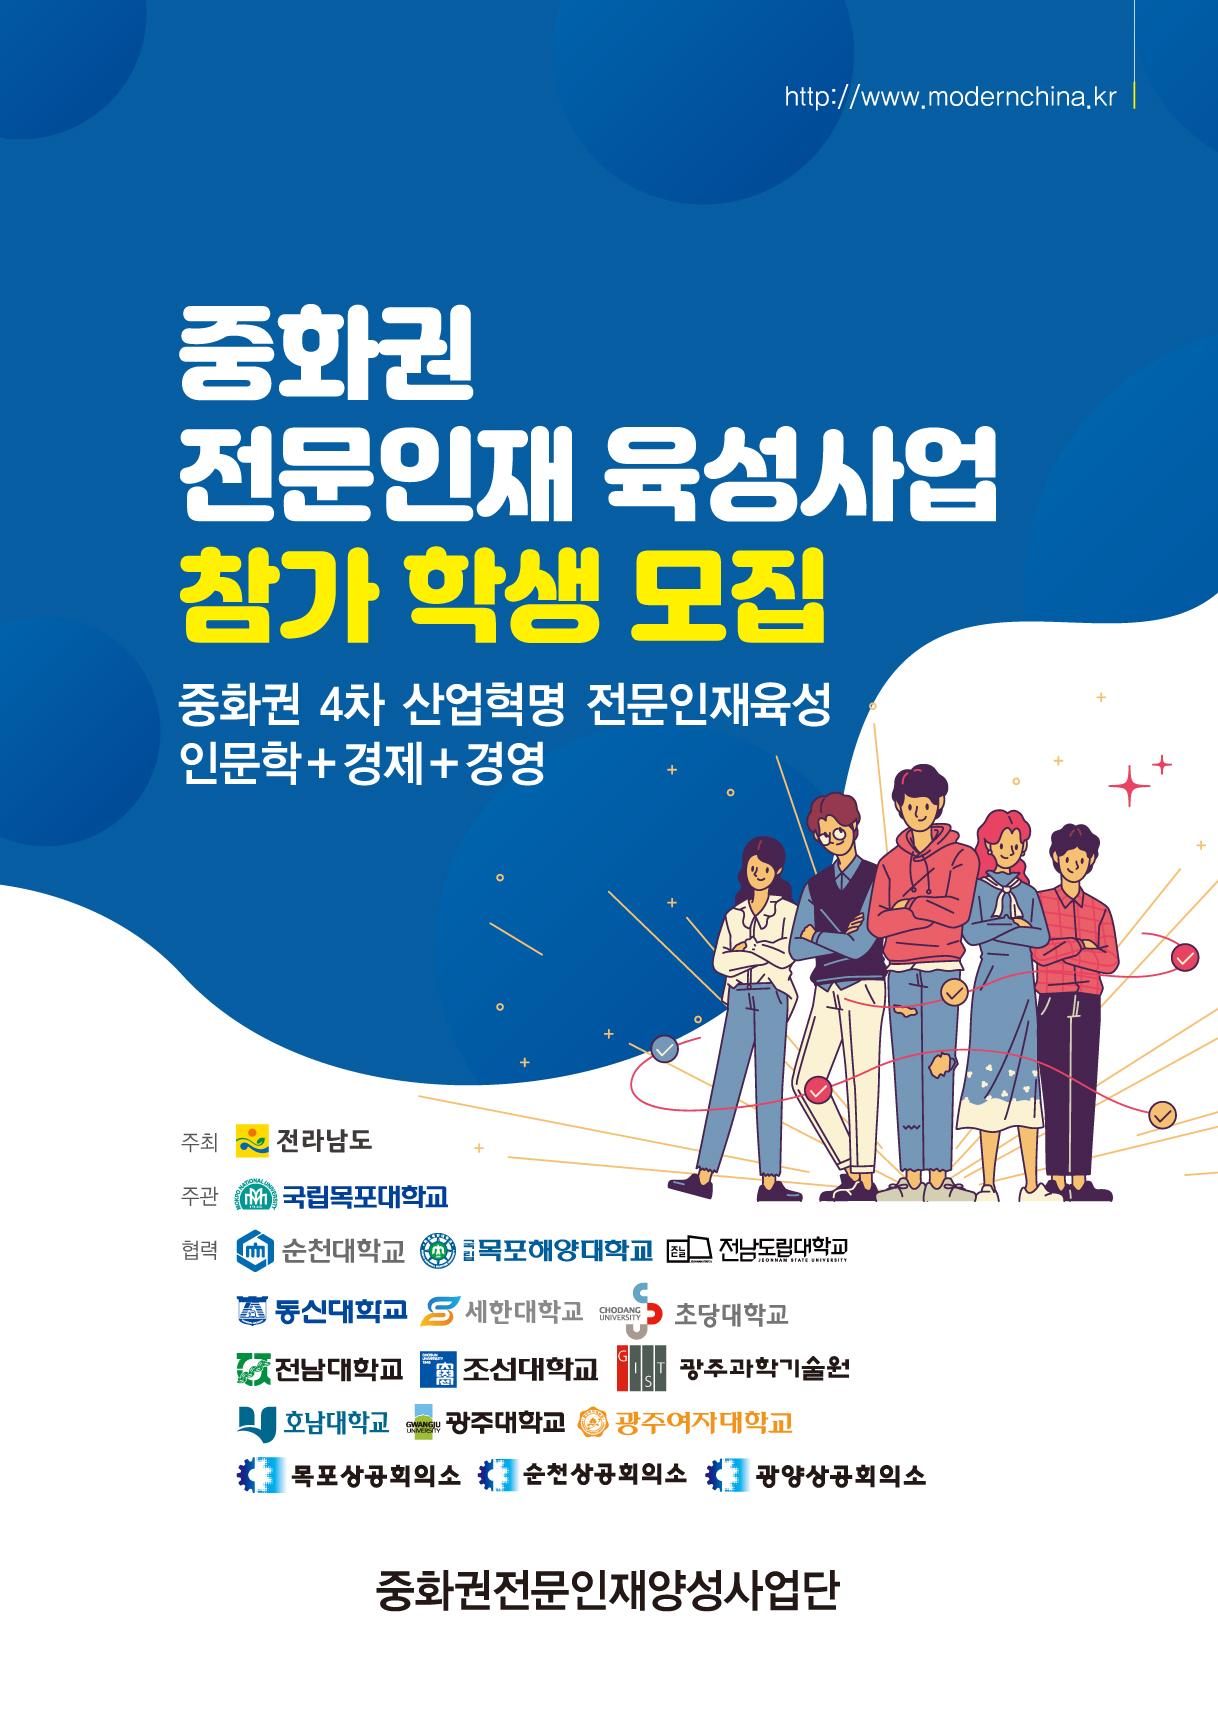 <2021학년도 중화권 전문인재 육성사업 참가 학생 모집 기한 연장 안내>